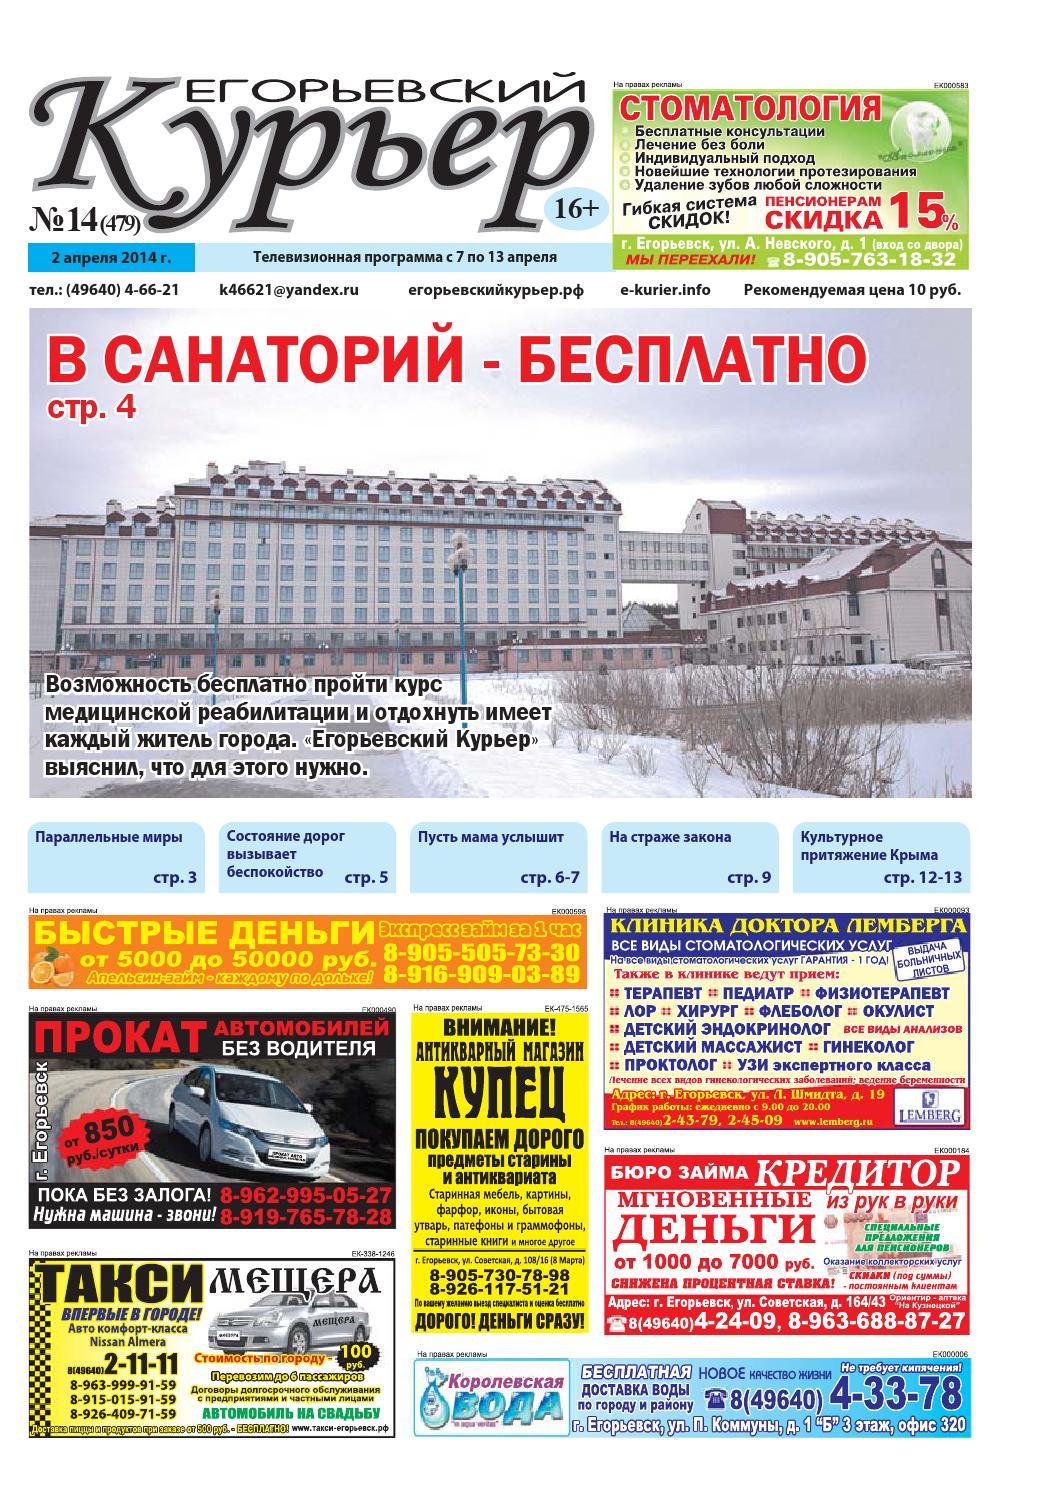 Петербург деш вый секс 30 45 лет ночь до 5000 т р